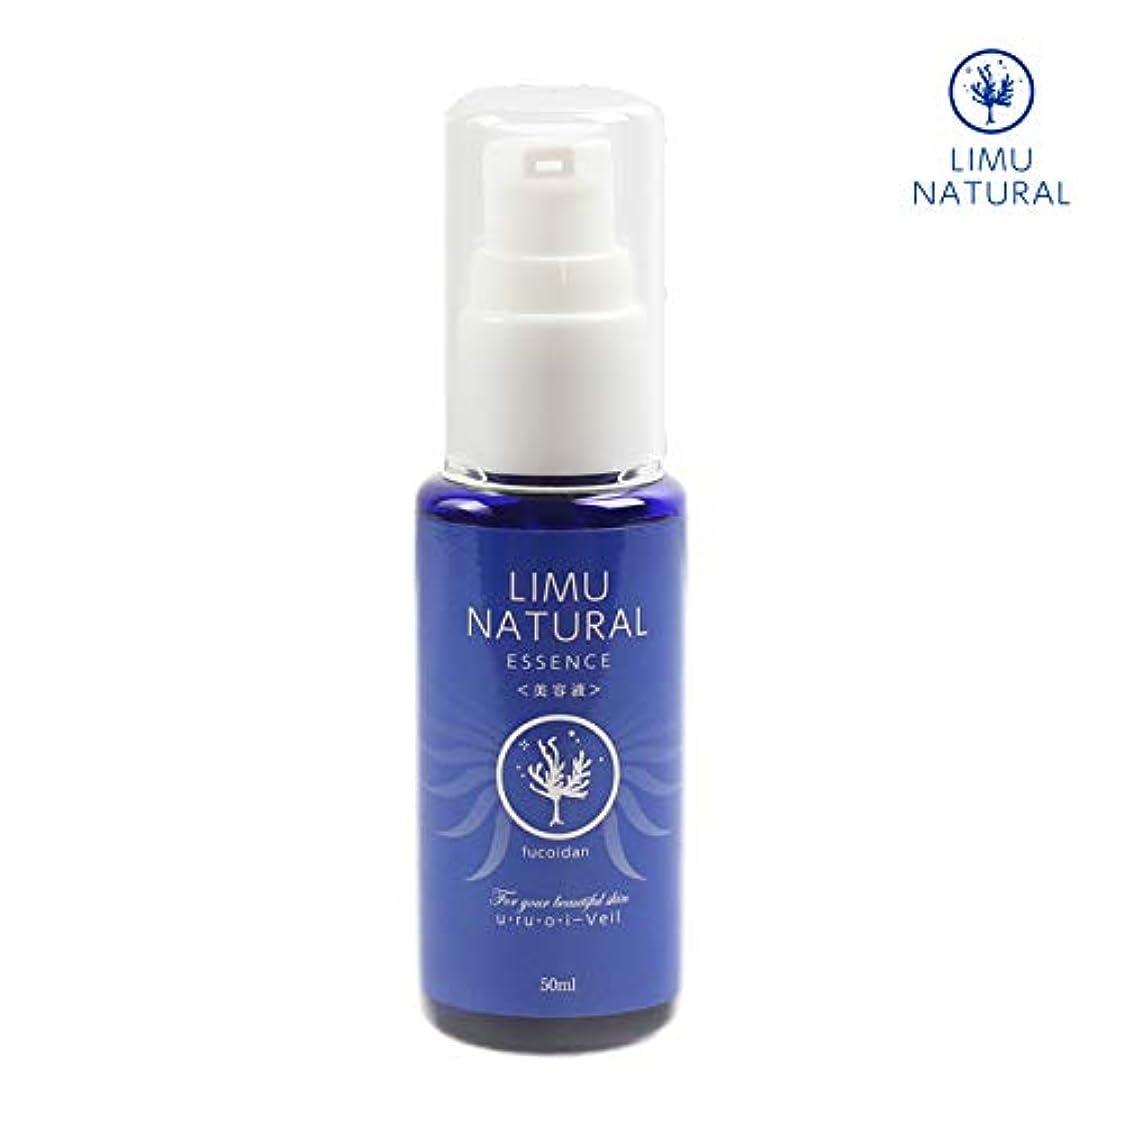 爆弾思慮深い出費リムナチュラル 高濃度美容液 LIMU NATURAL ESSENCE (50ml) 「美白&保湿」「フコイダン」+「グリセリルグルコシド」を贅沢に配合